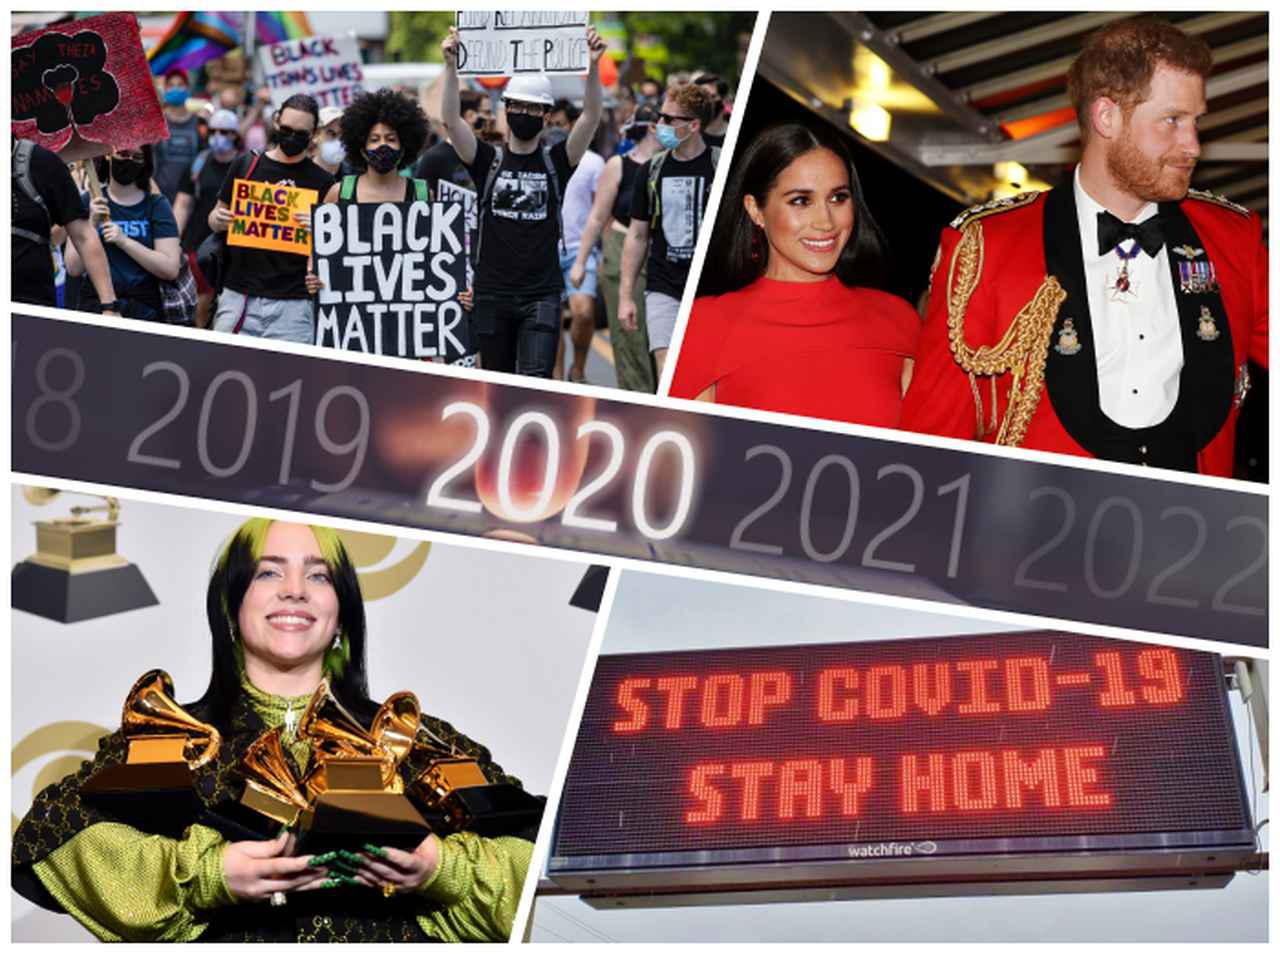 画像: たった半年で世界が激変、「2020年上半期に起こった出来事」を総ざらい - フロントロウ -海外セレブ情報を発信